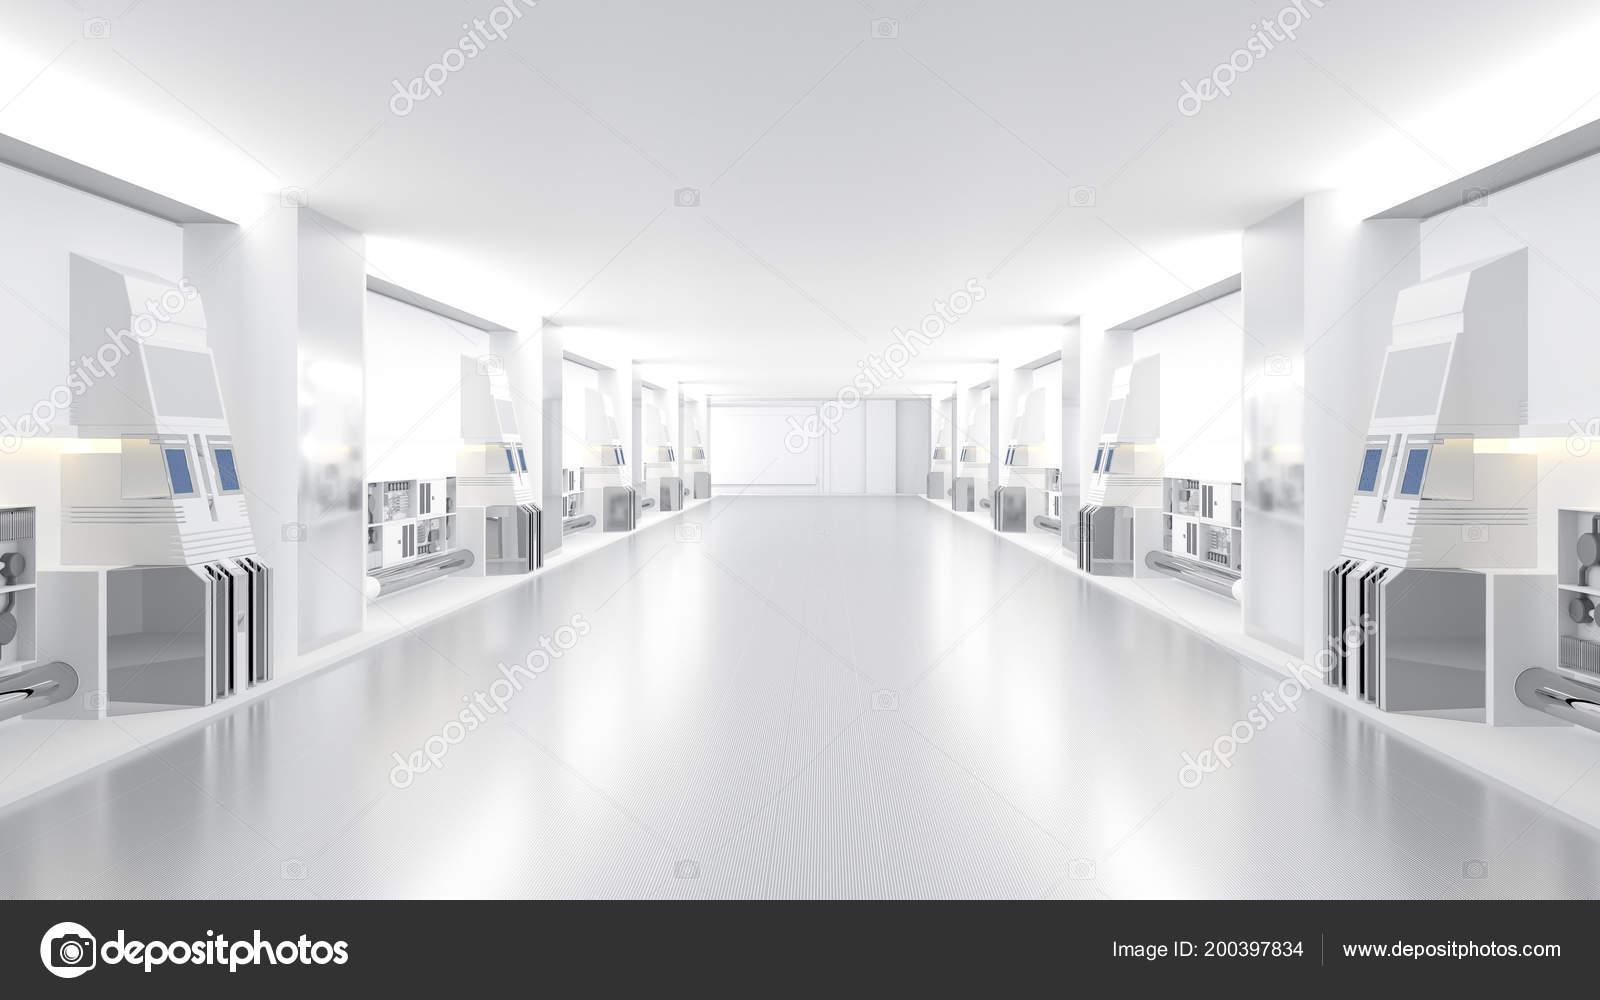 Ruimteschip wetenschap schoot sci corridor witte kleur render